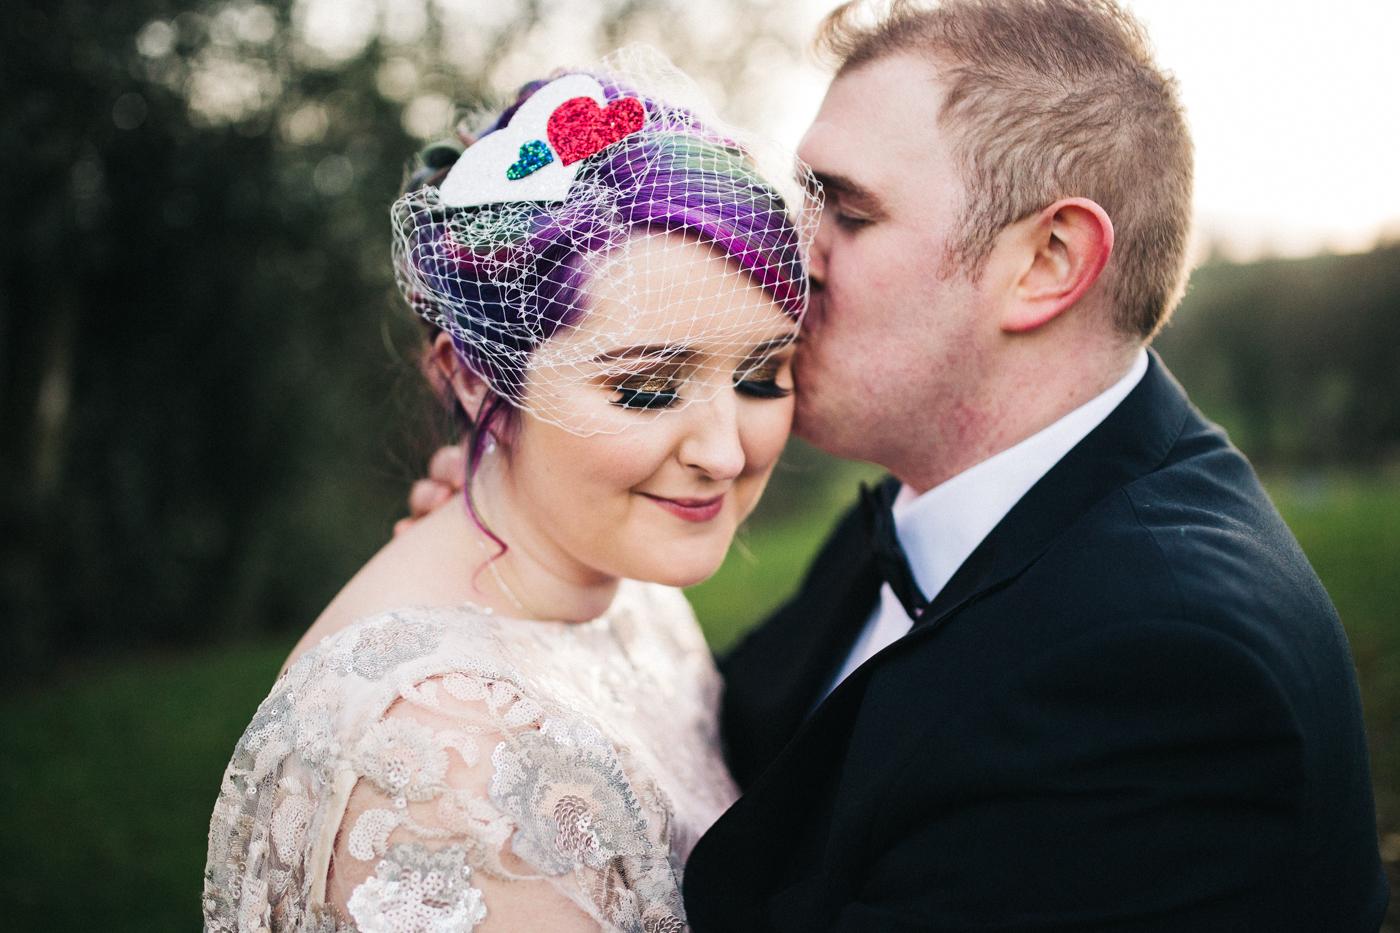 derby-derbyshire-wedding-photographer-creative-white-hart-inn-wedding-0008.jpg